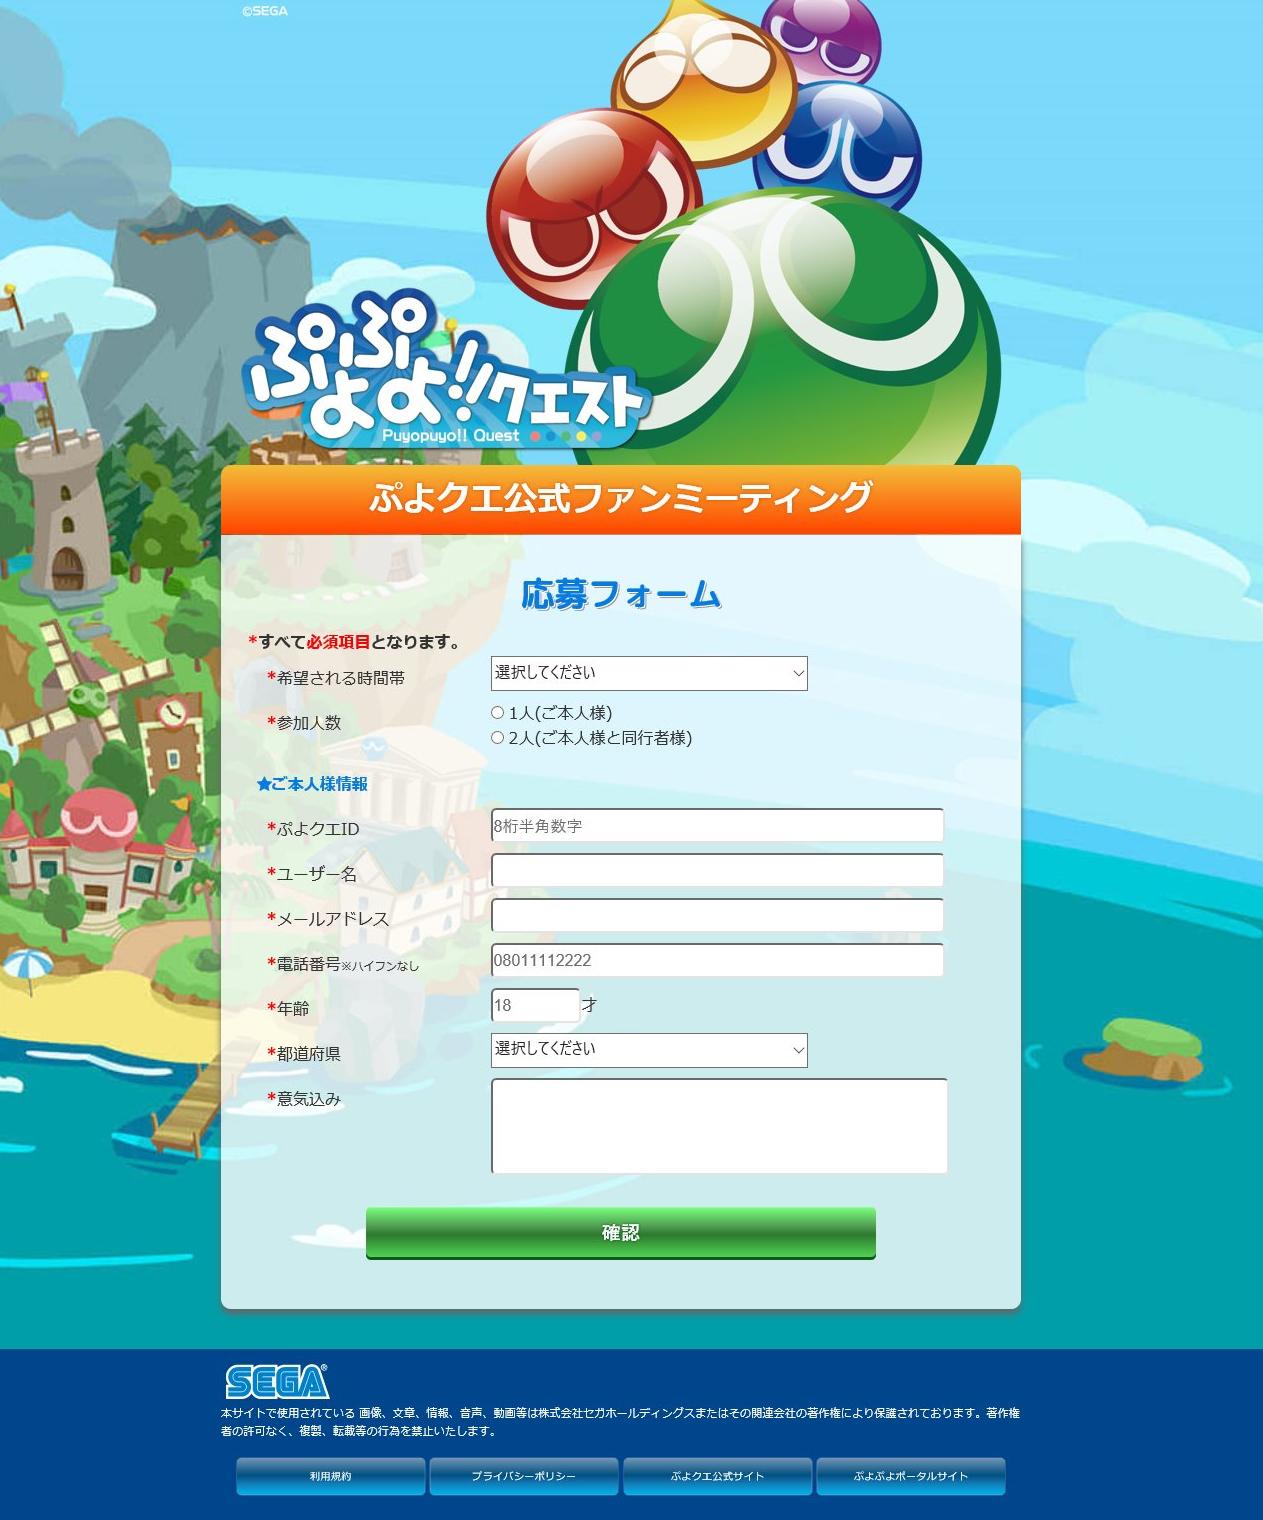 ぷよクエファンミーティング応募フォーム